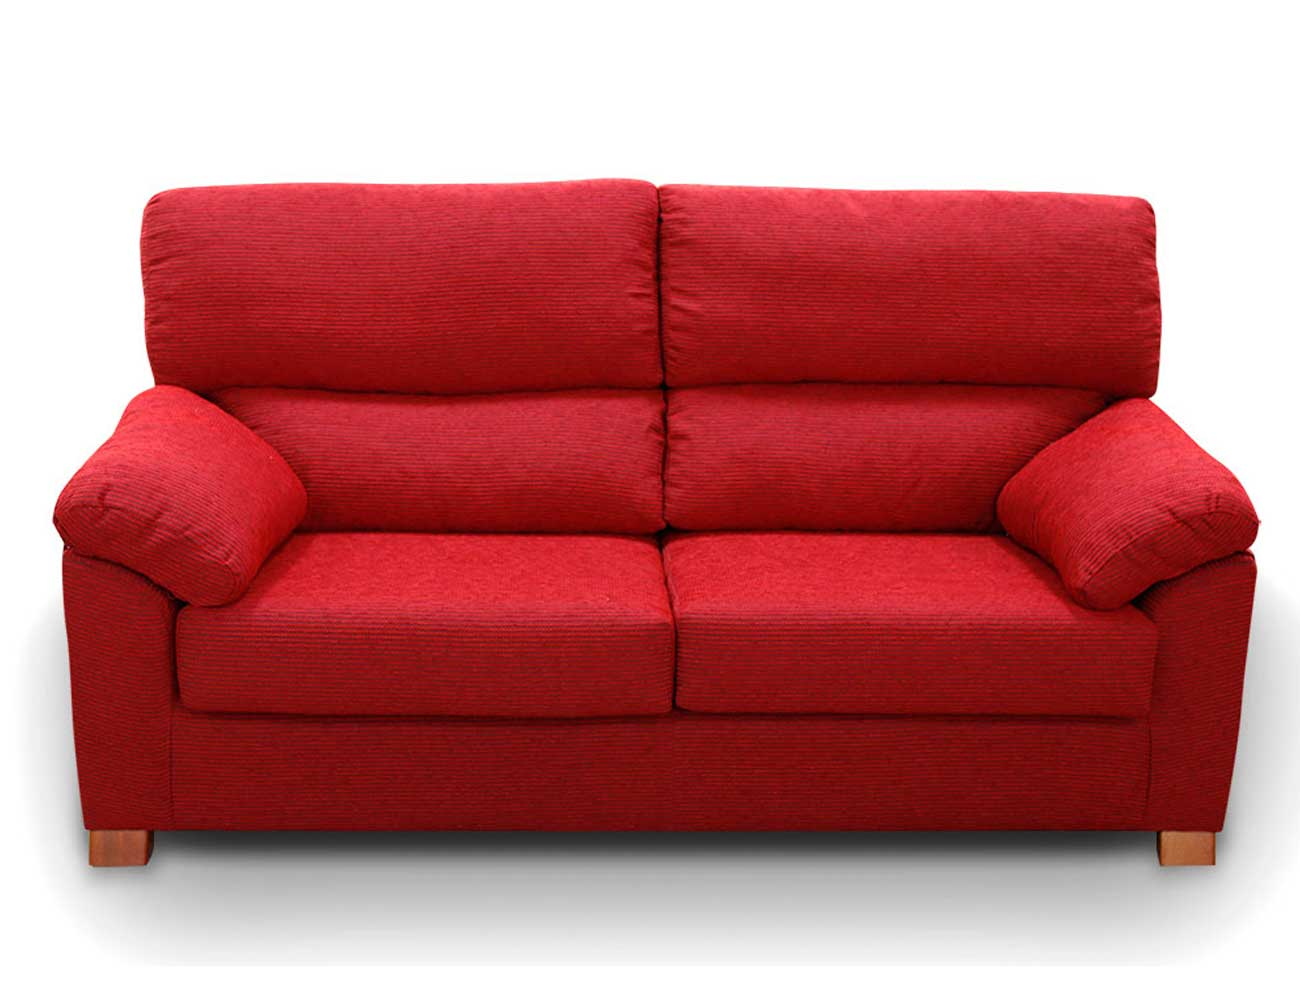 Sofá cama con sistema extraible (7020) | Factory del Mueble Utrera